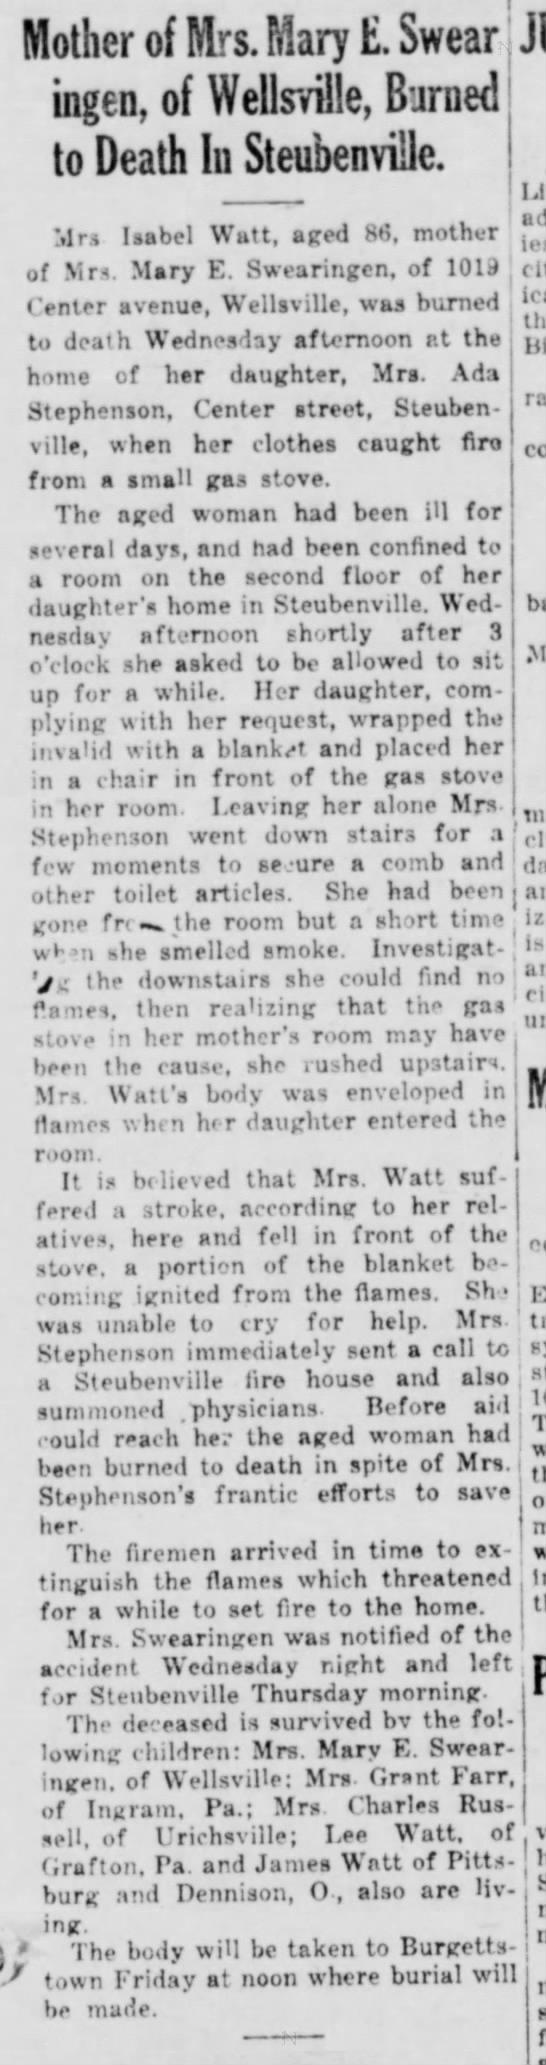 Mrs Isabel Watt 86 burns to death - Mother of Mrs. Mary E. Swear ' ingen, of...